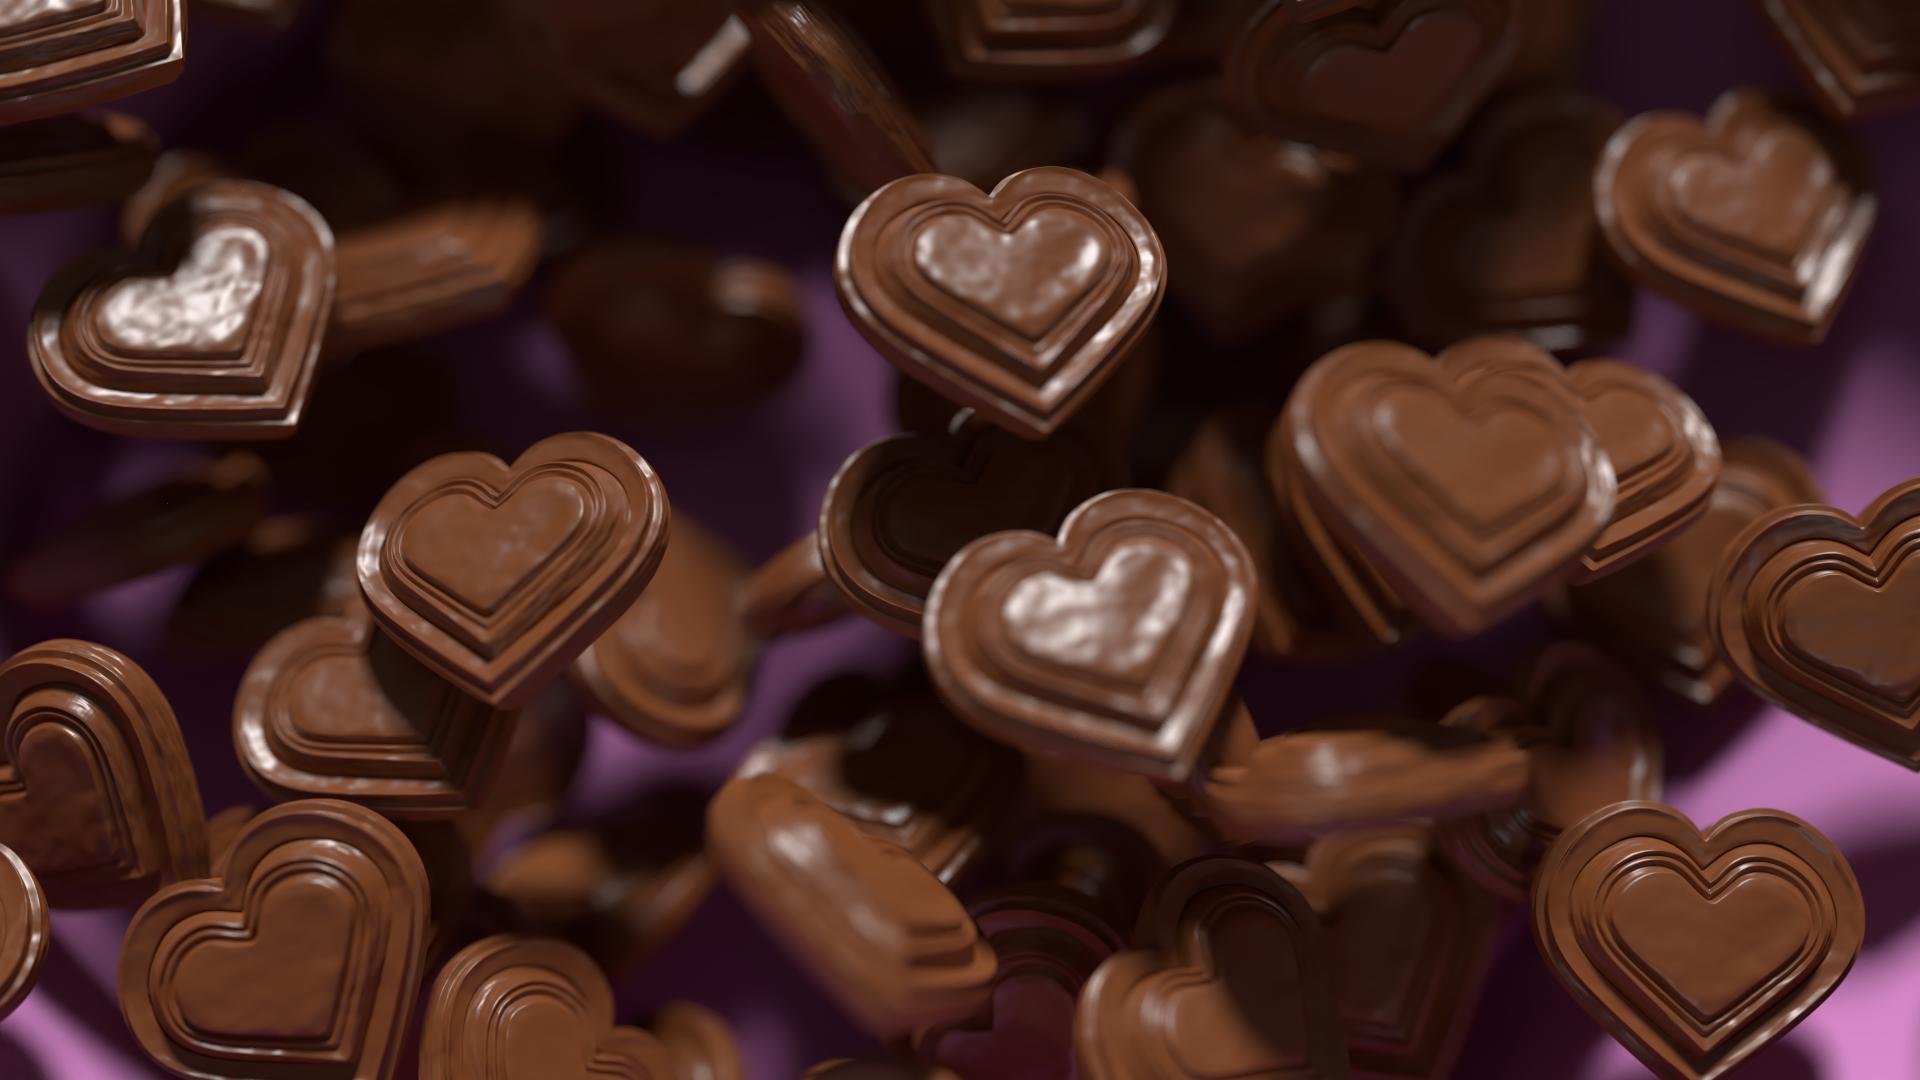 Schokoladeherzen